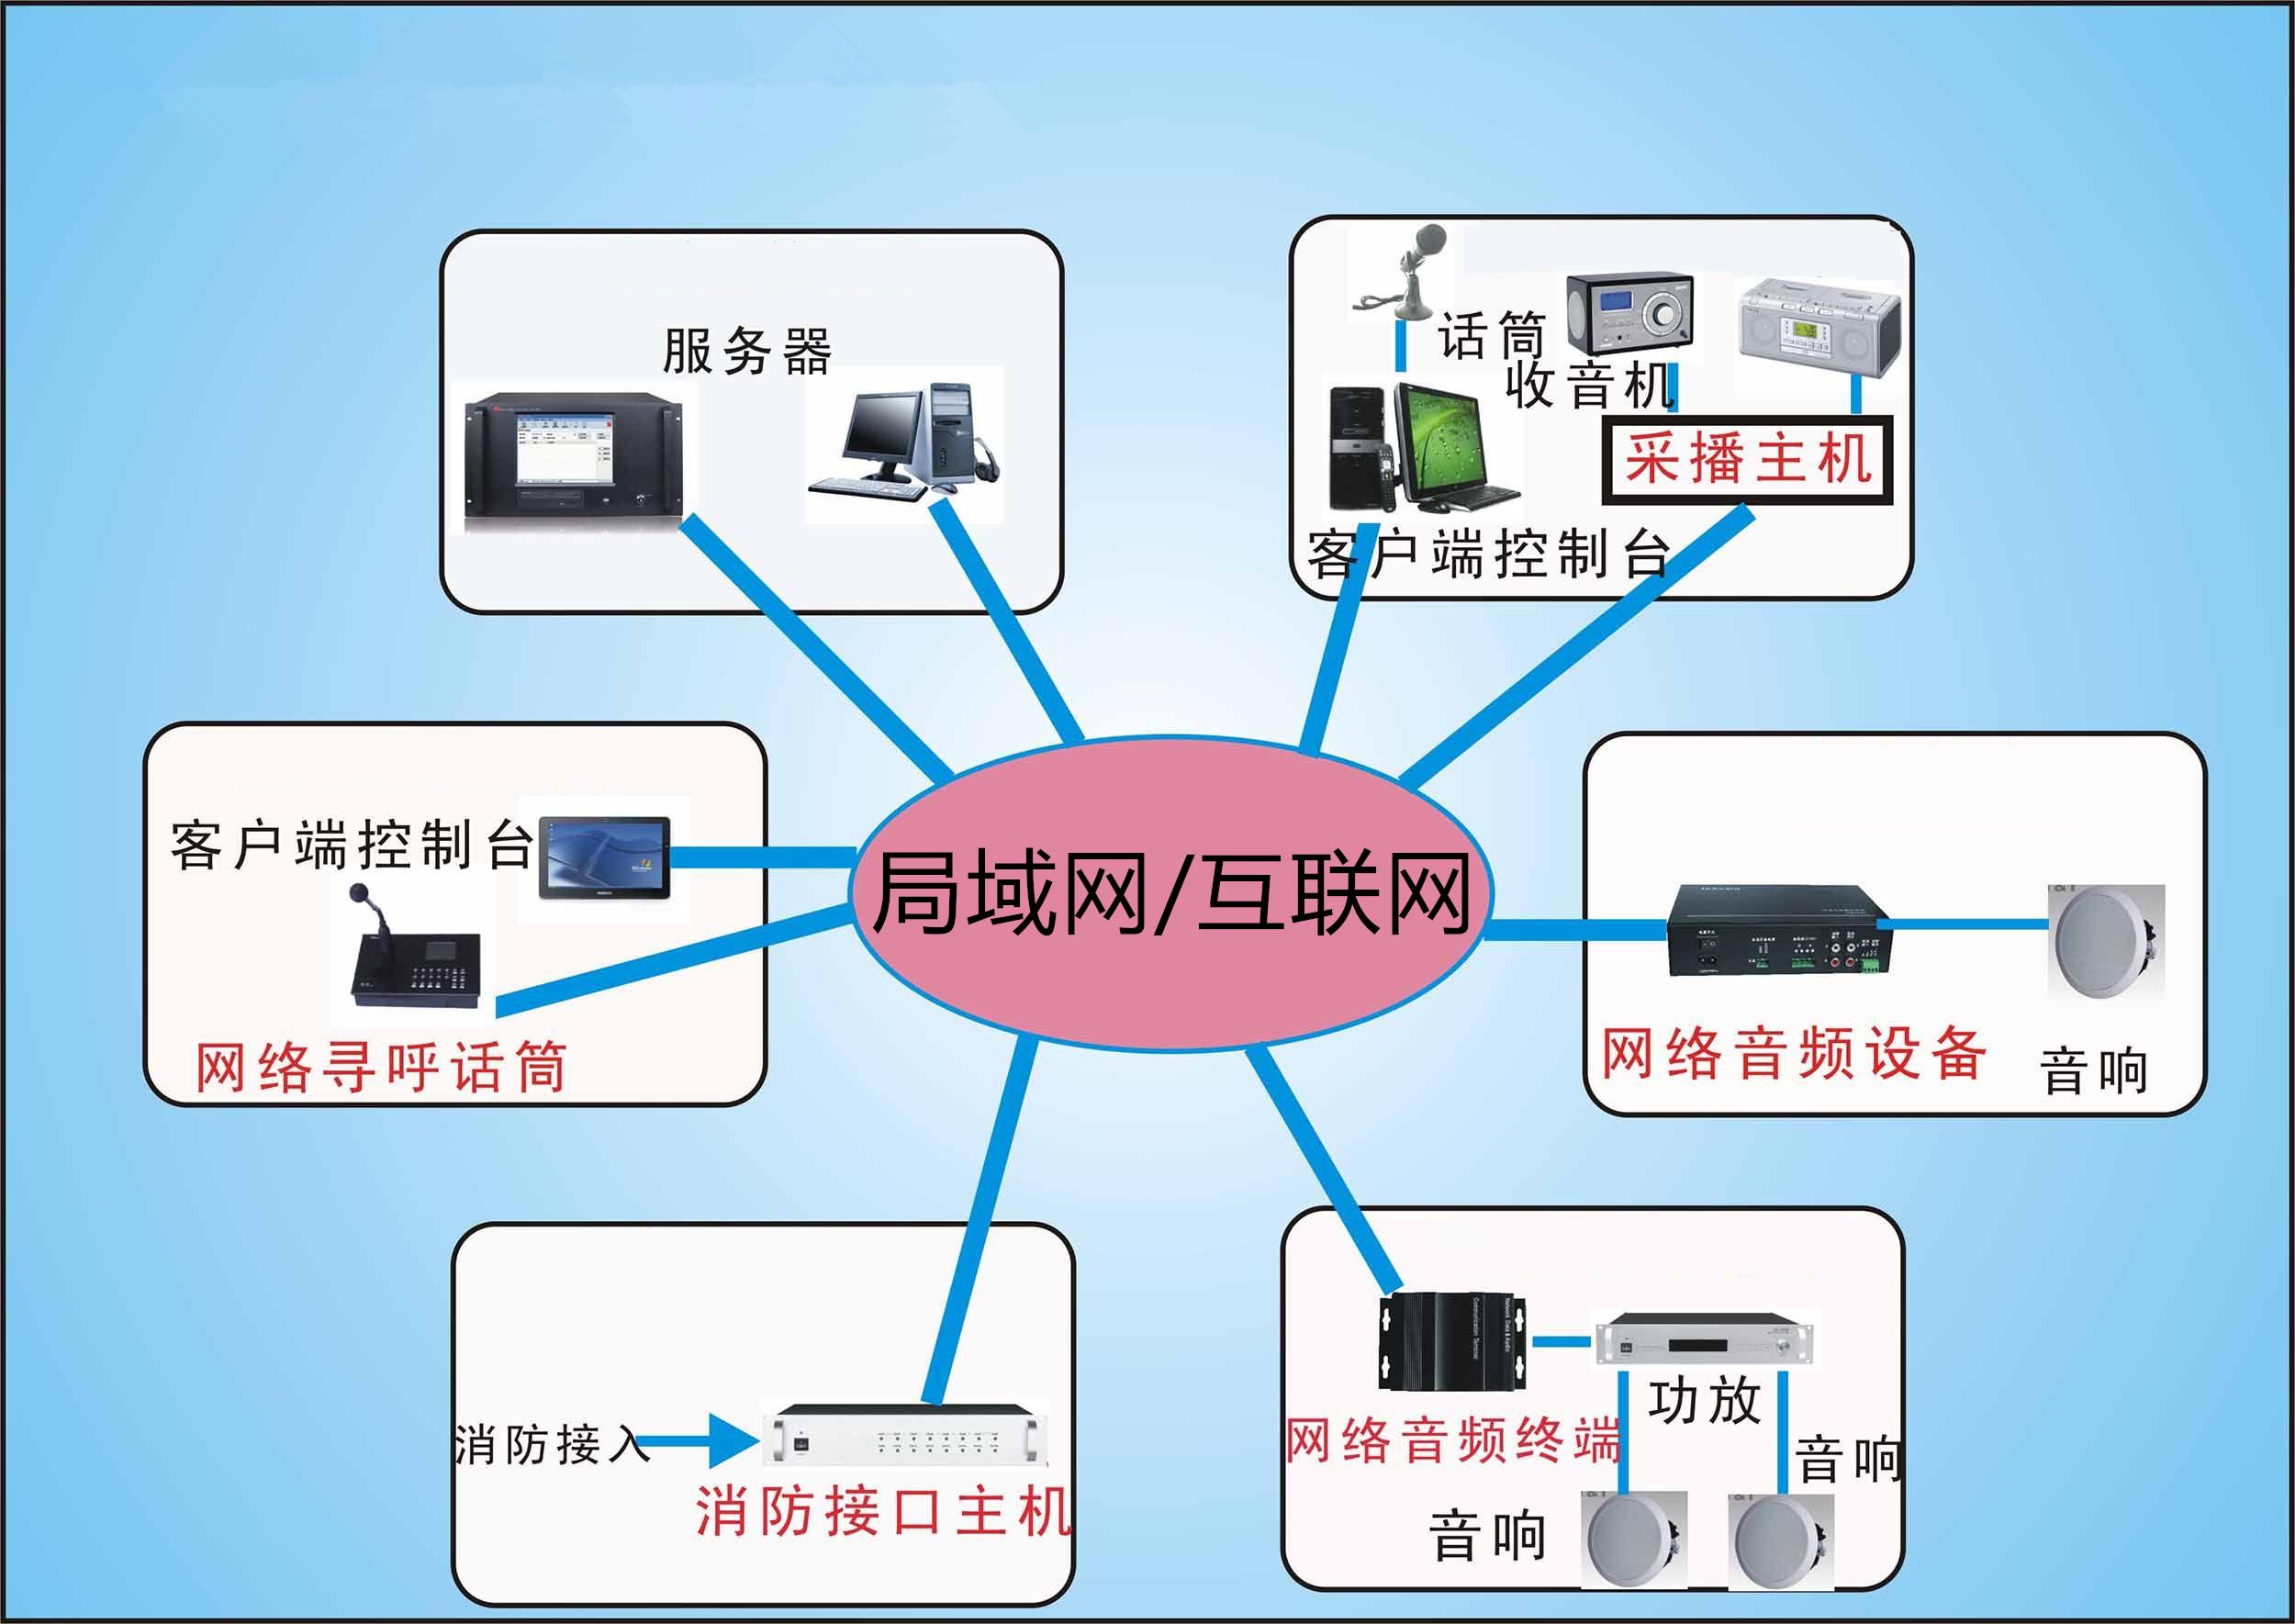 IP网络系统解决方案